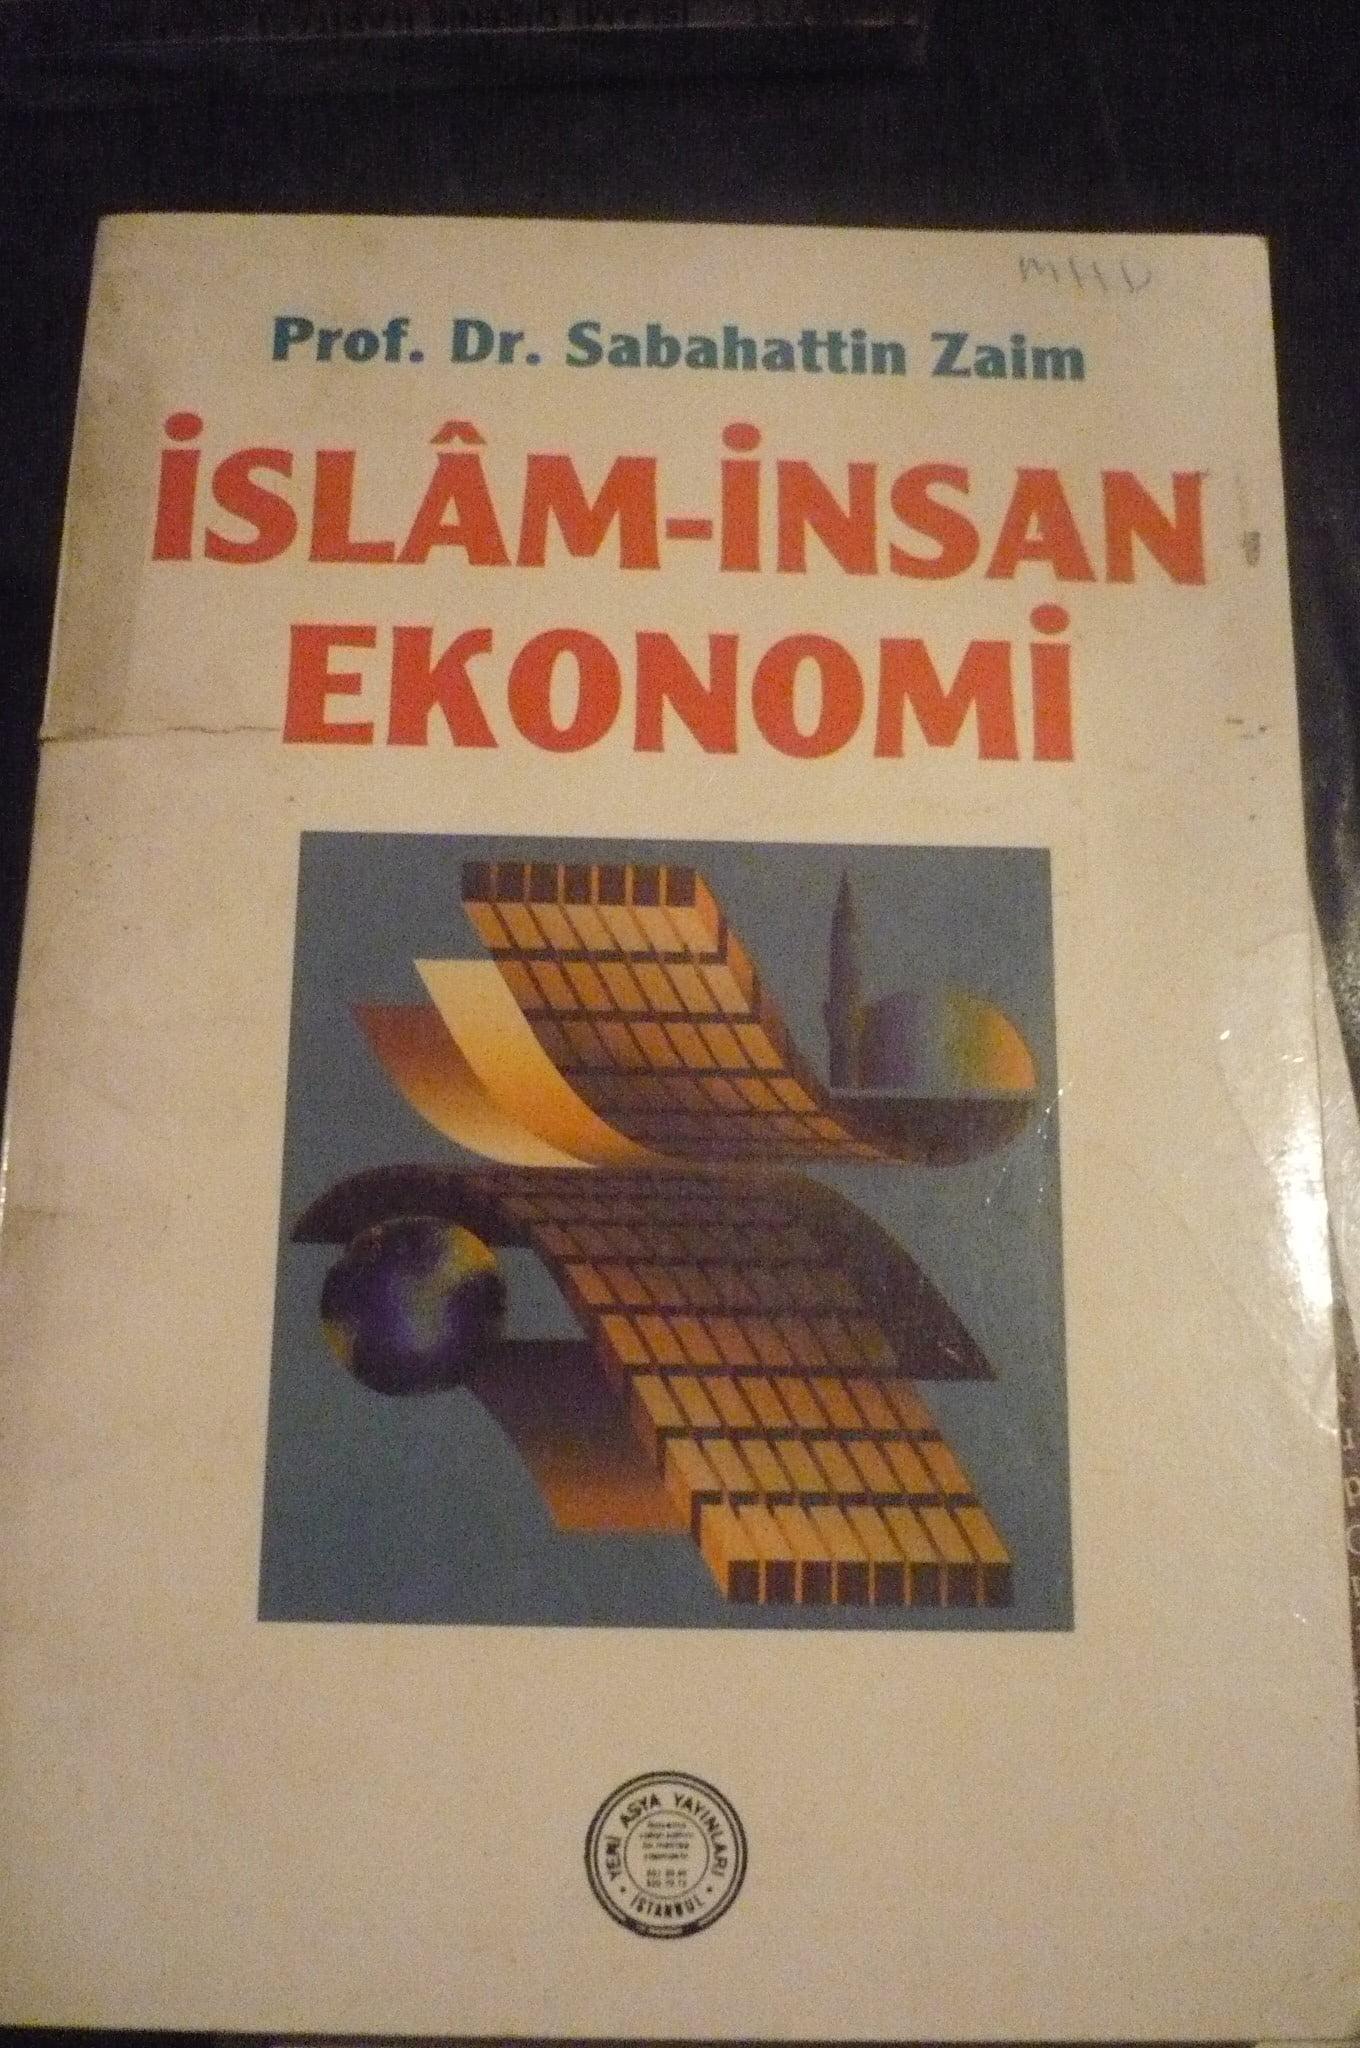 İSLAM-İNSAN EKONOMİ/Sabahattin Zaim/ 5 TL(satıldı)